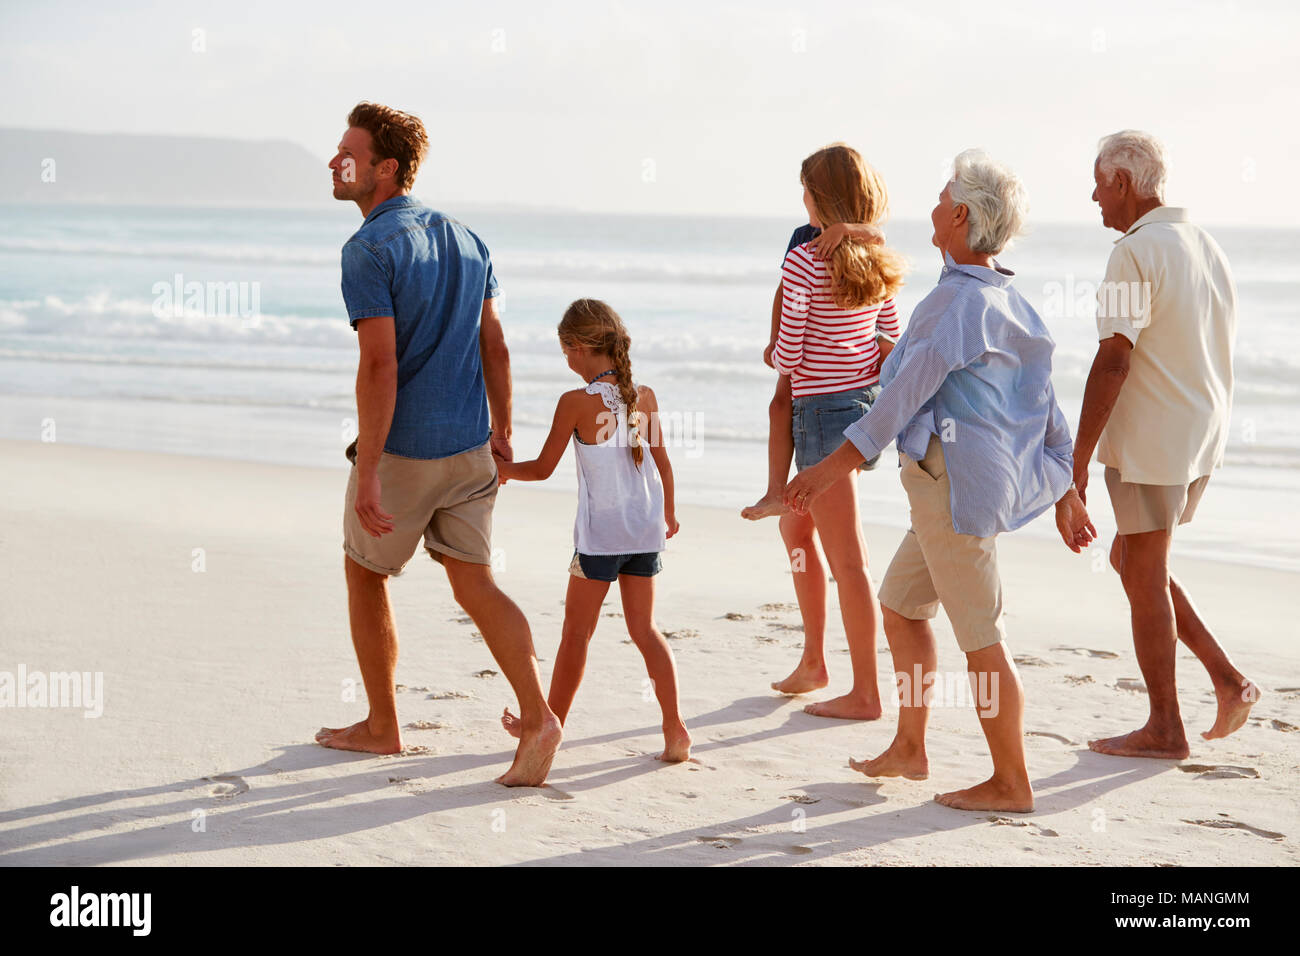 Generación de múltiples familias de vacaciones junto a la playa caminando juntos Foto de stock